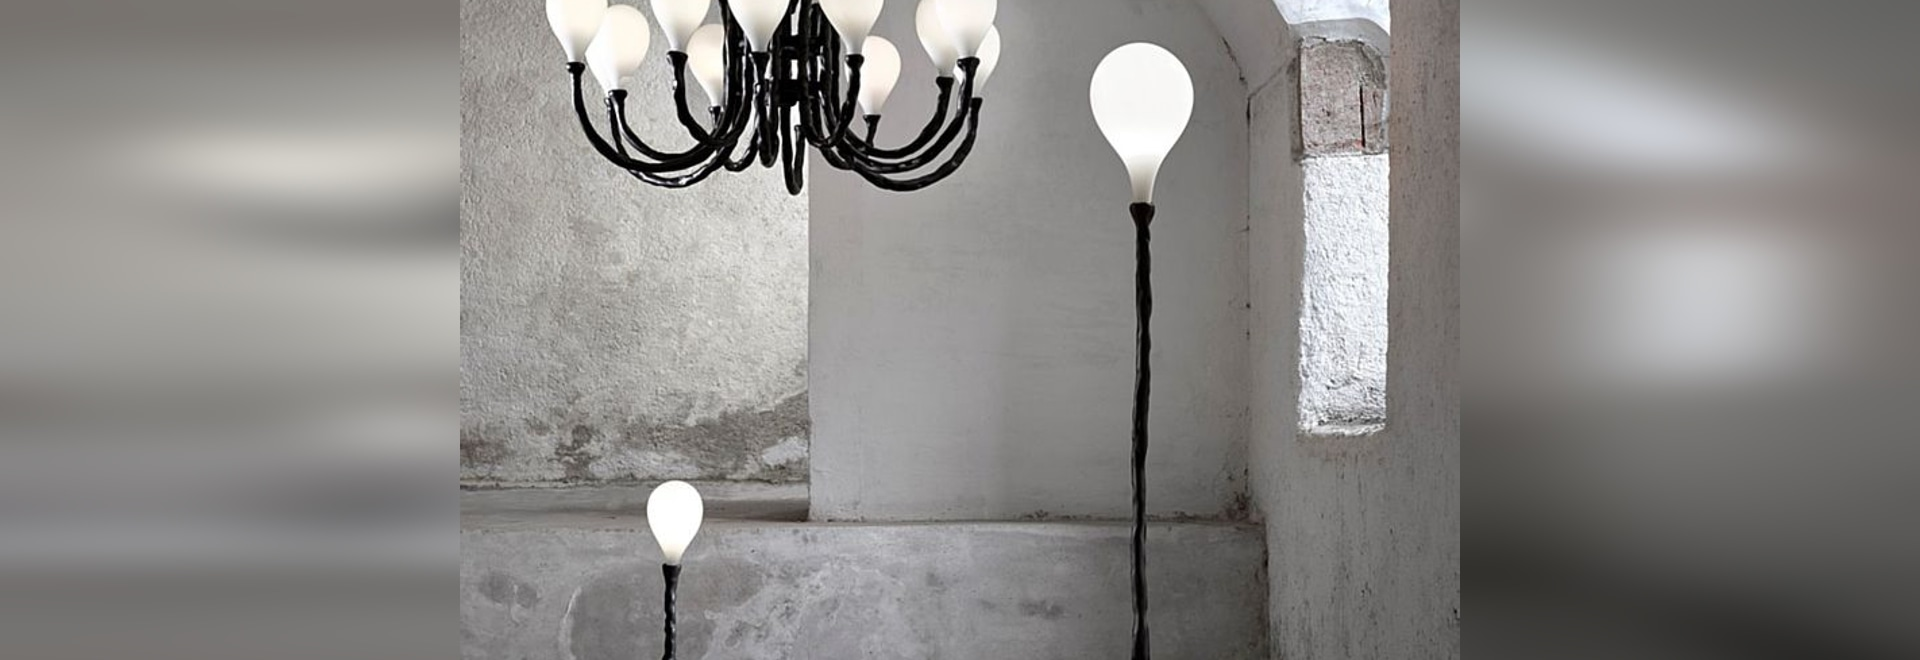 DAS POP LIGHT by Maarten Baas